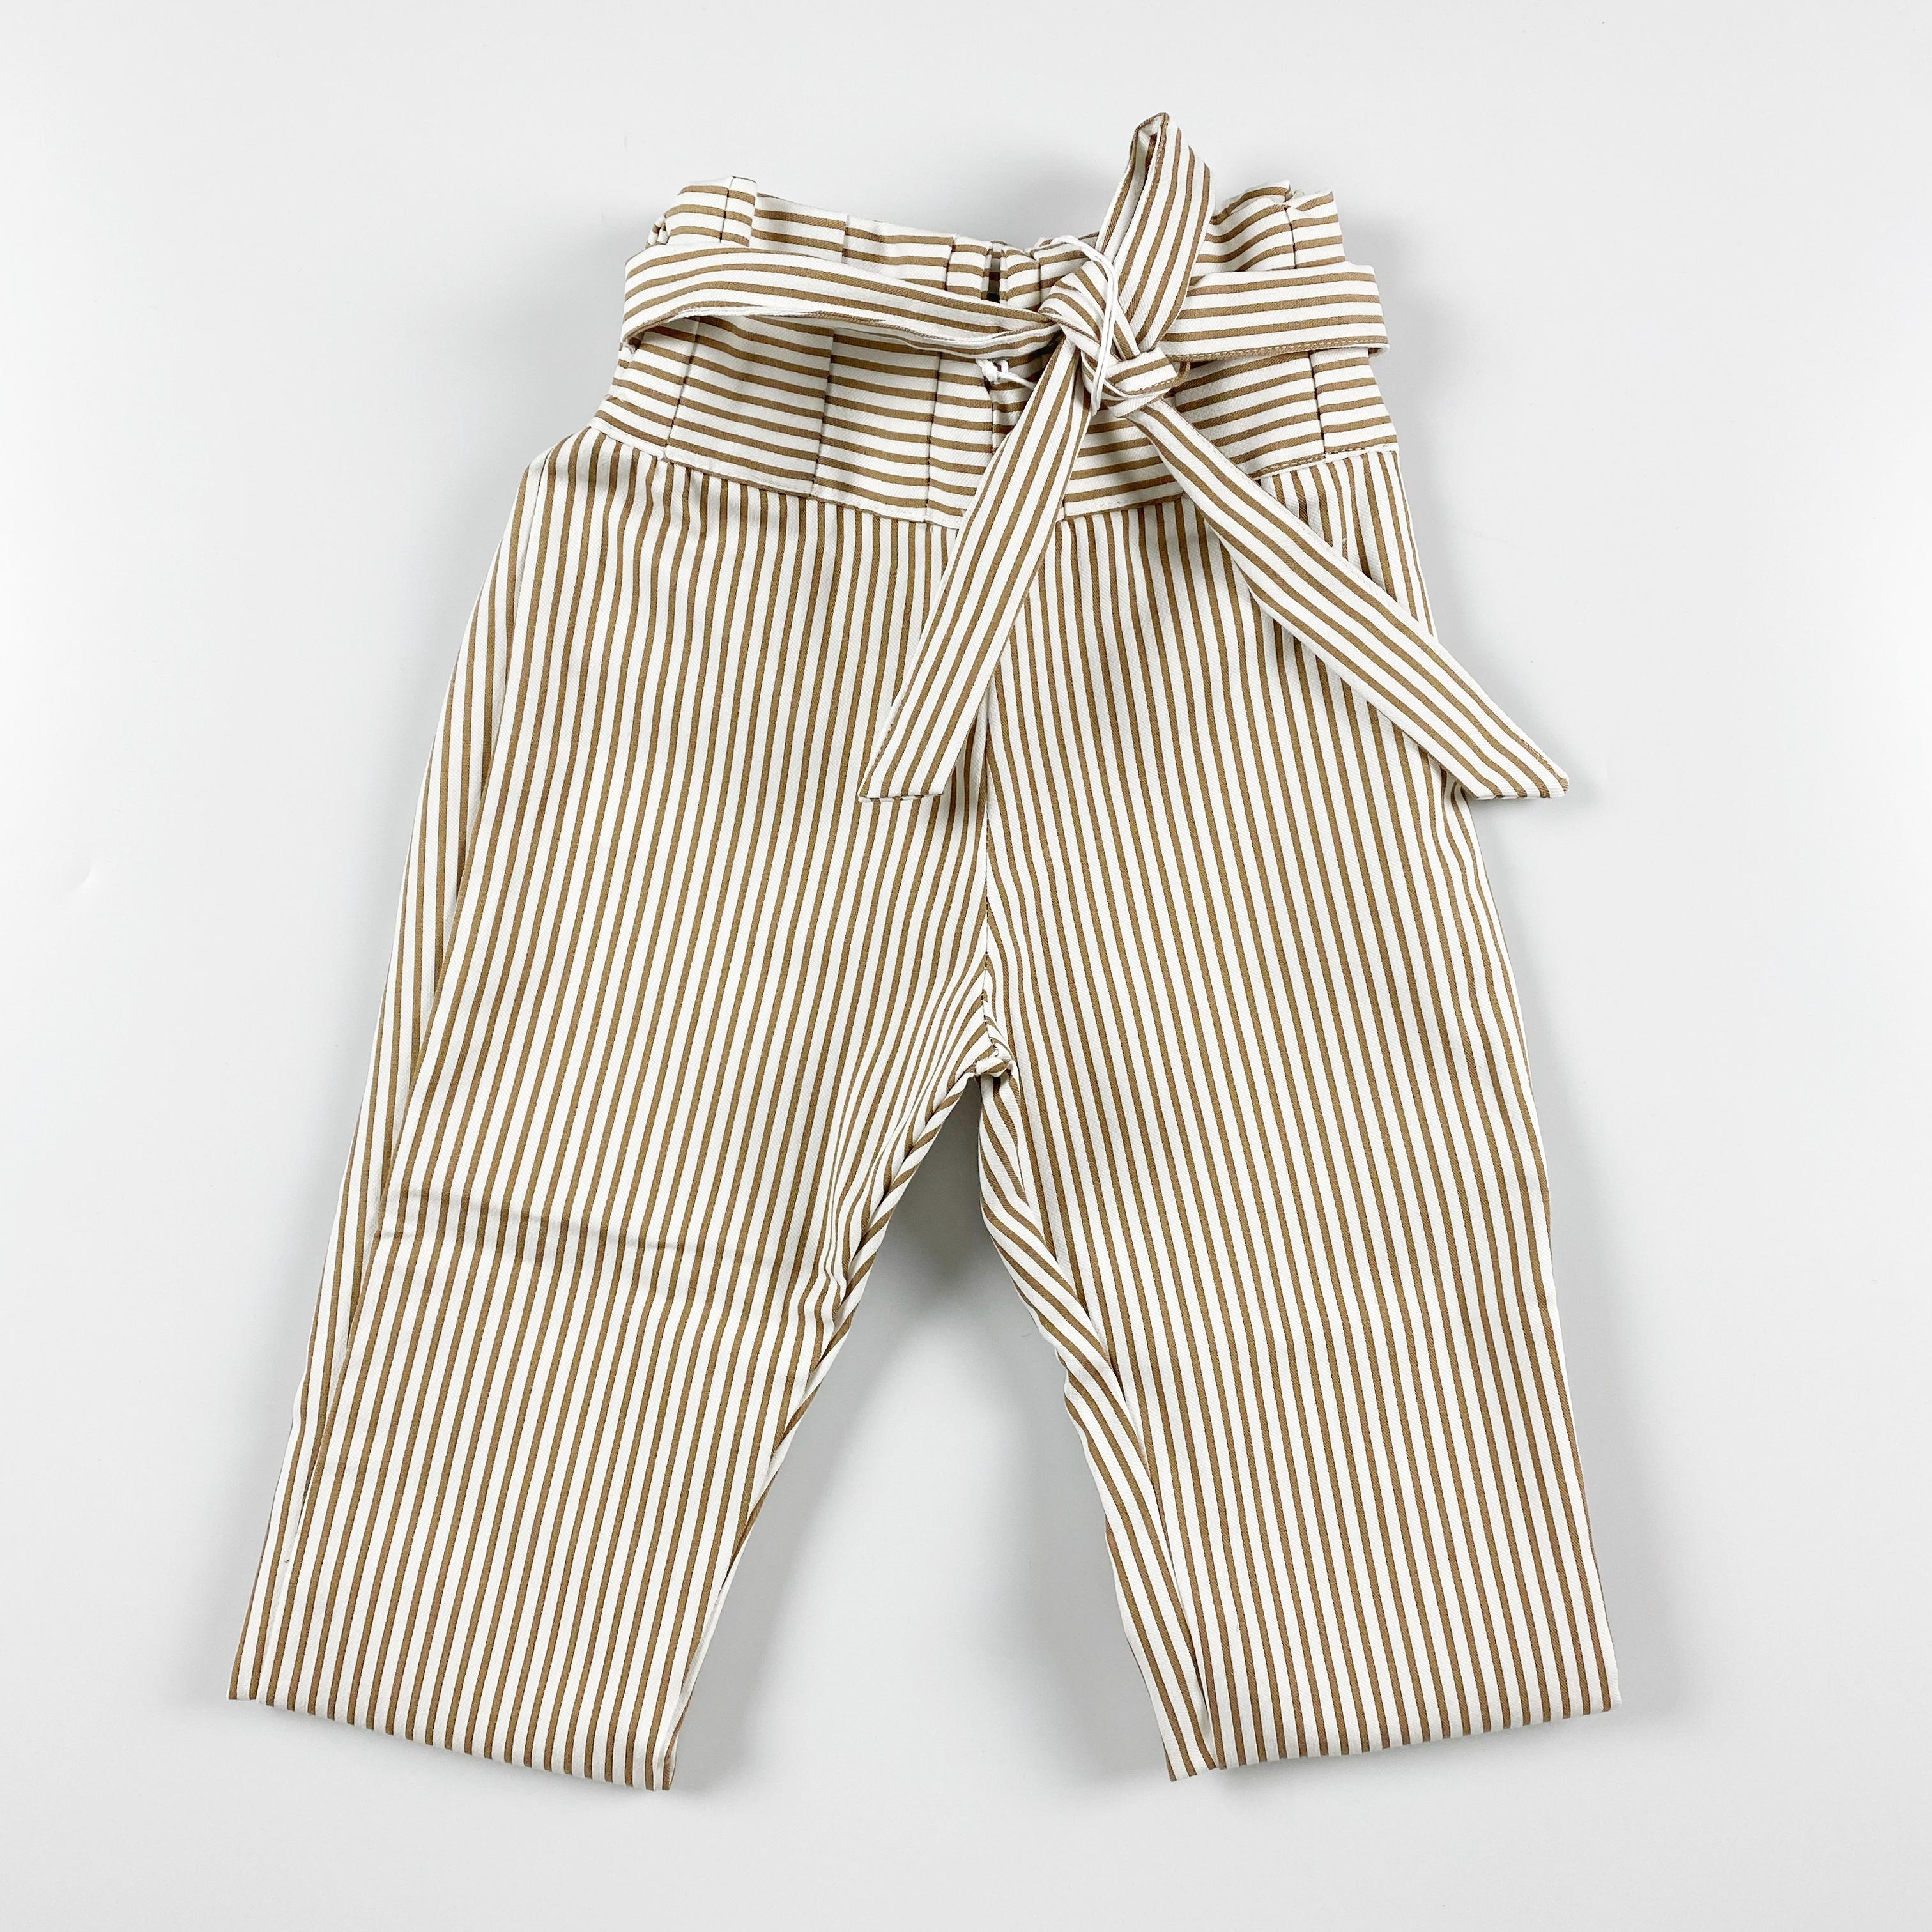 Pantalone con righe